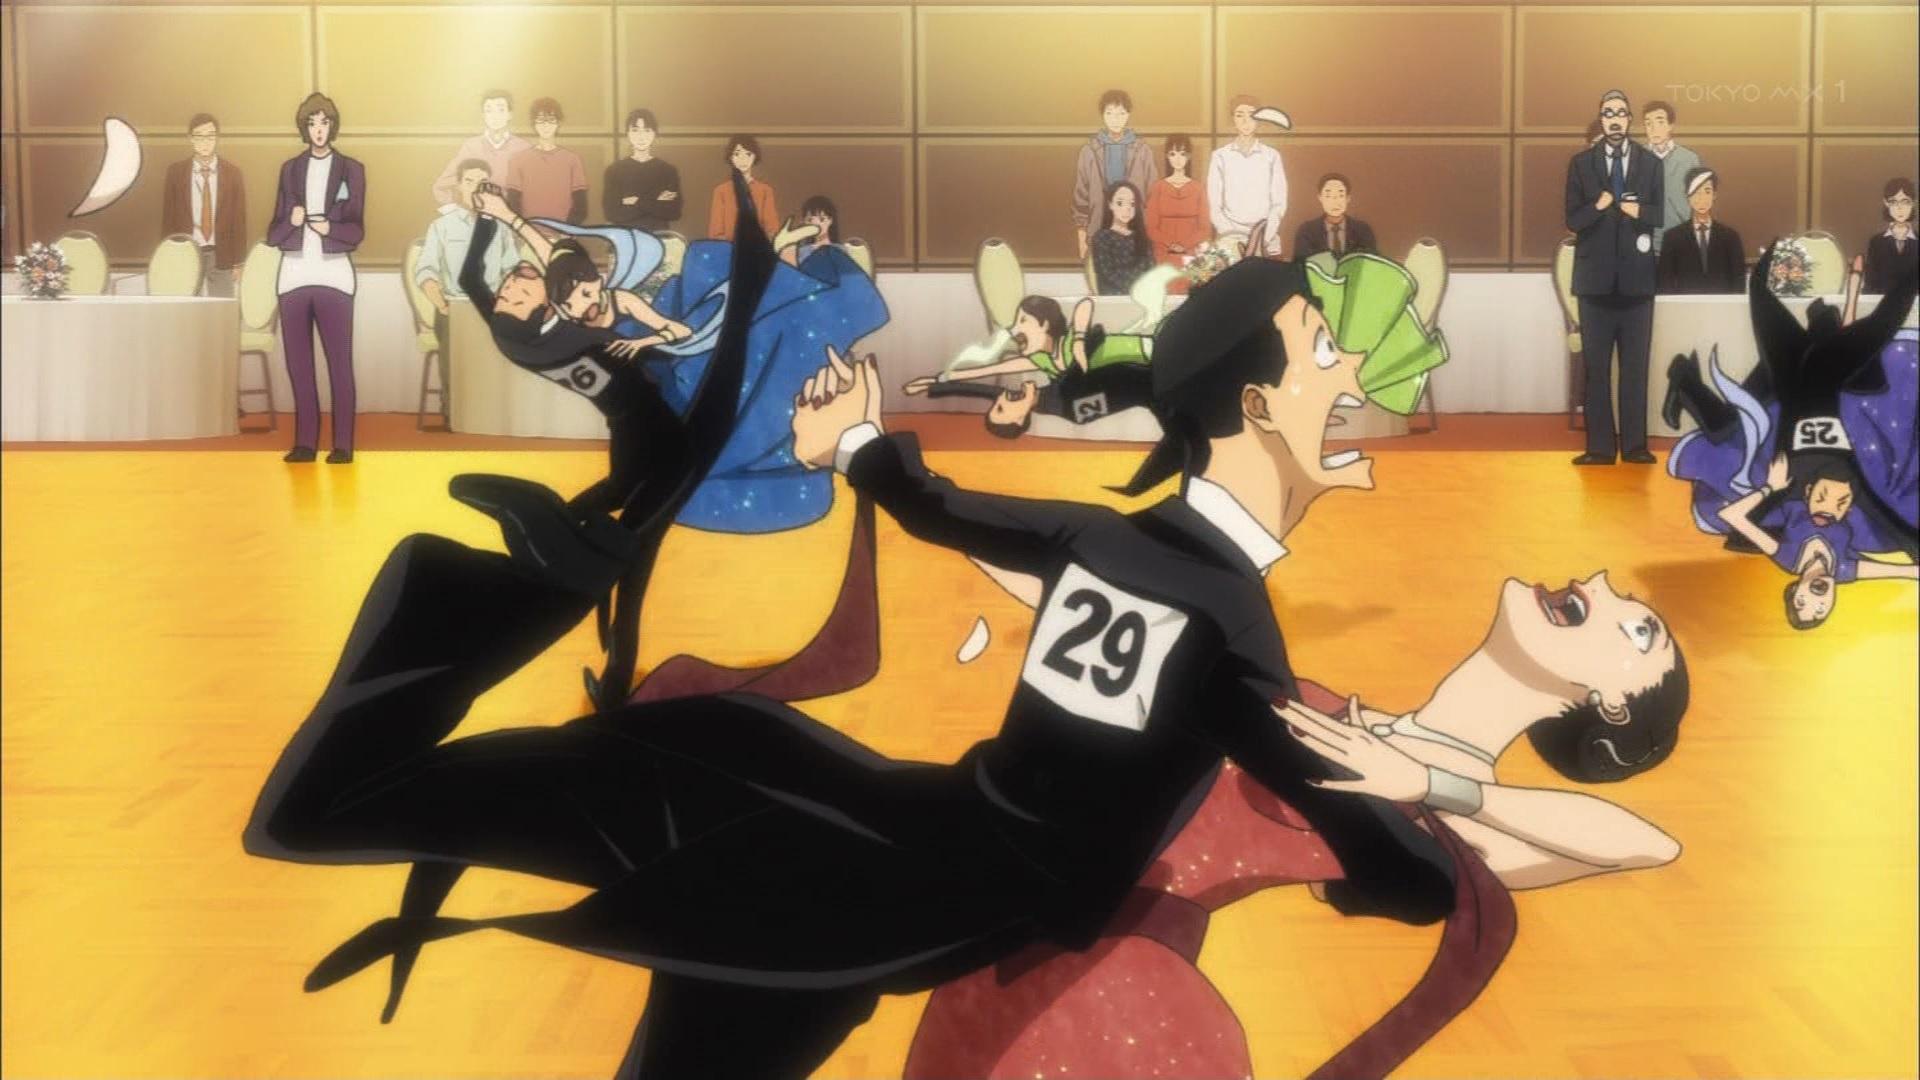 胸パッドで滑るダンサー